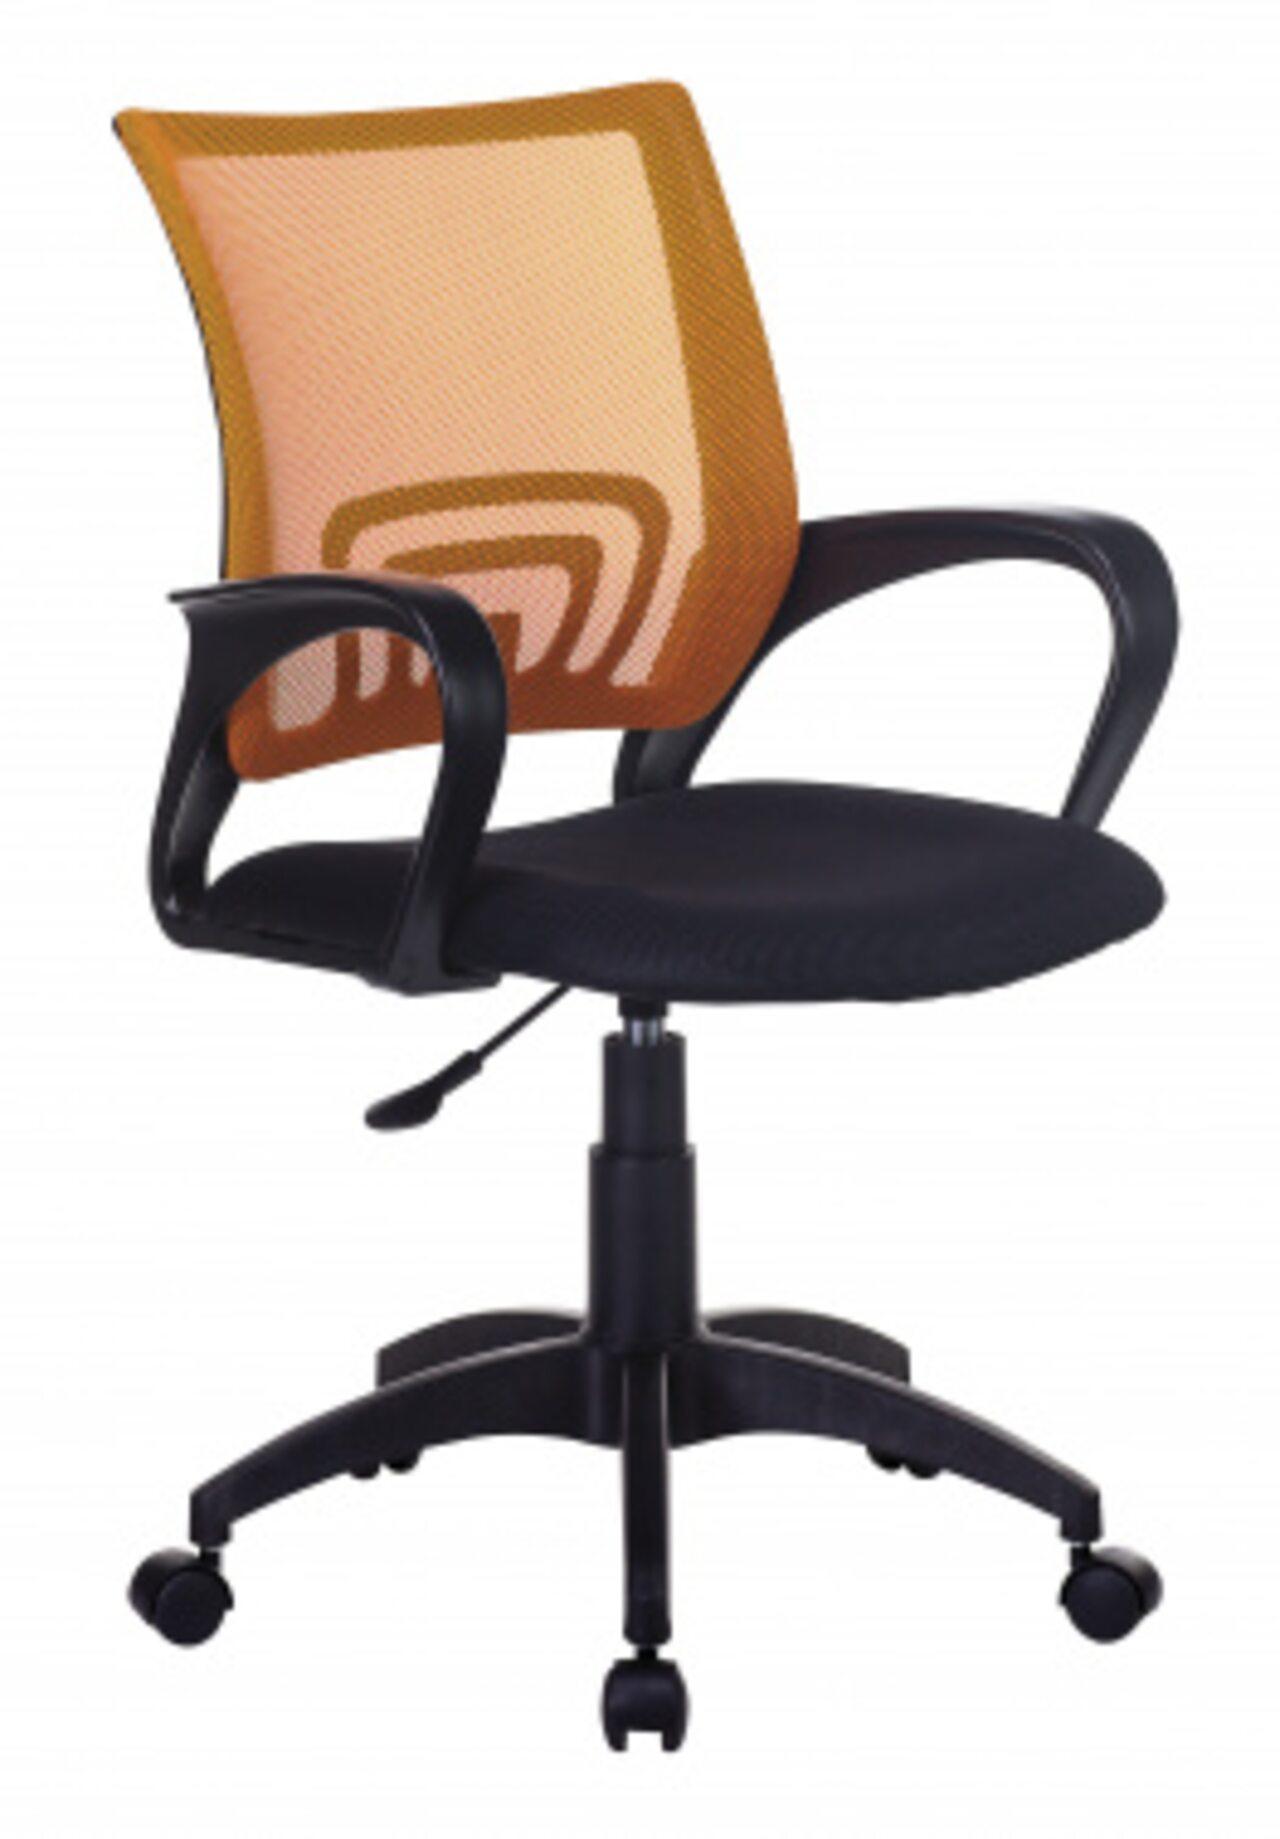 Кресло для персонала CH-695NLT  - фото 5